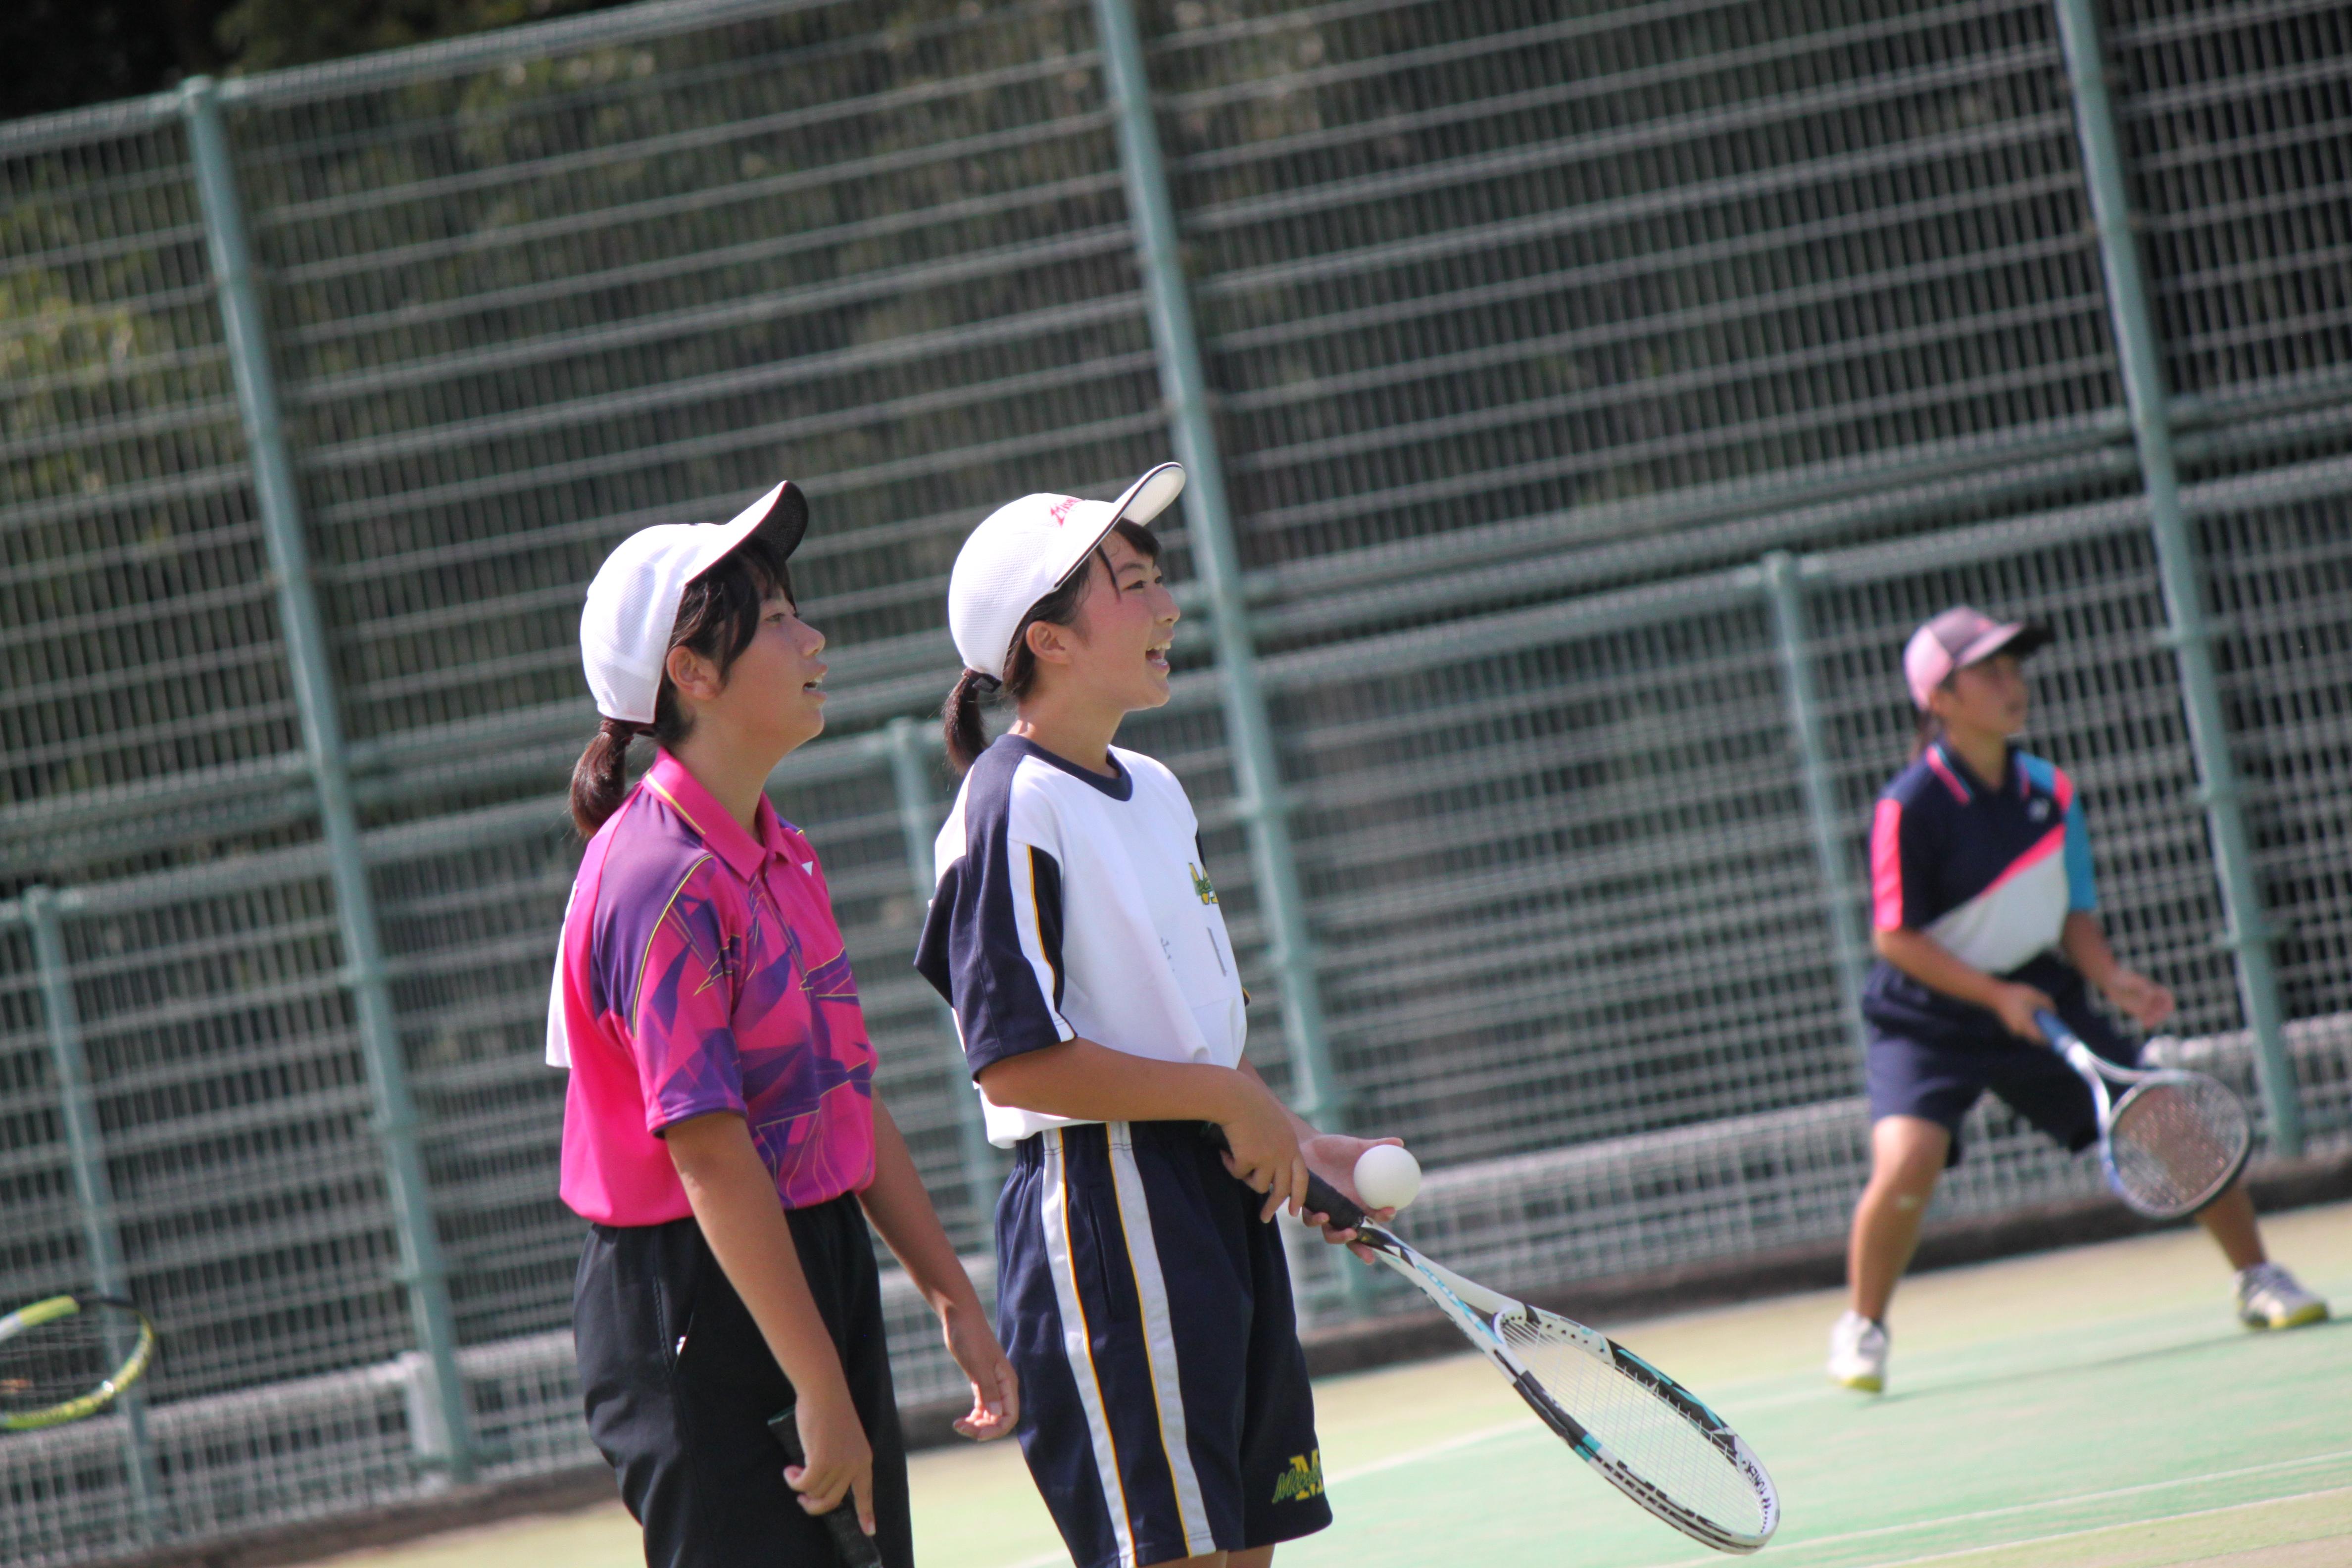 ソフトテニス (589)